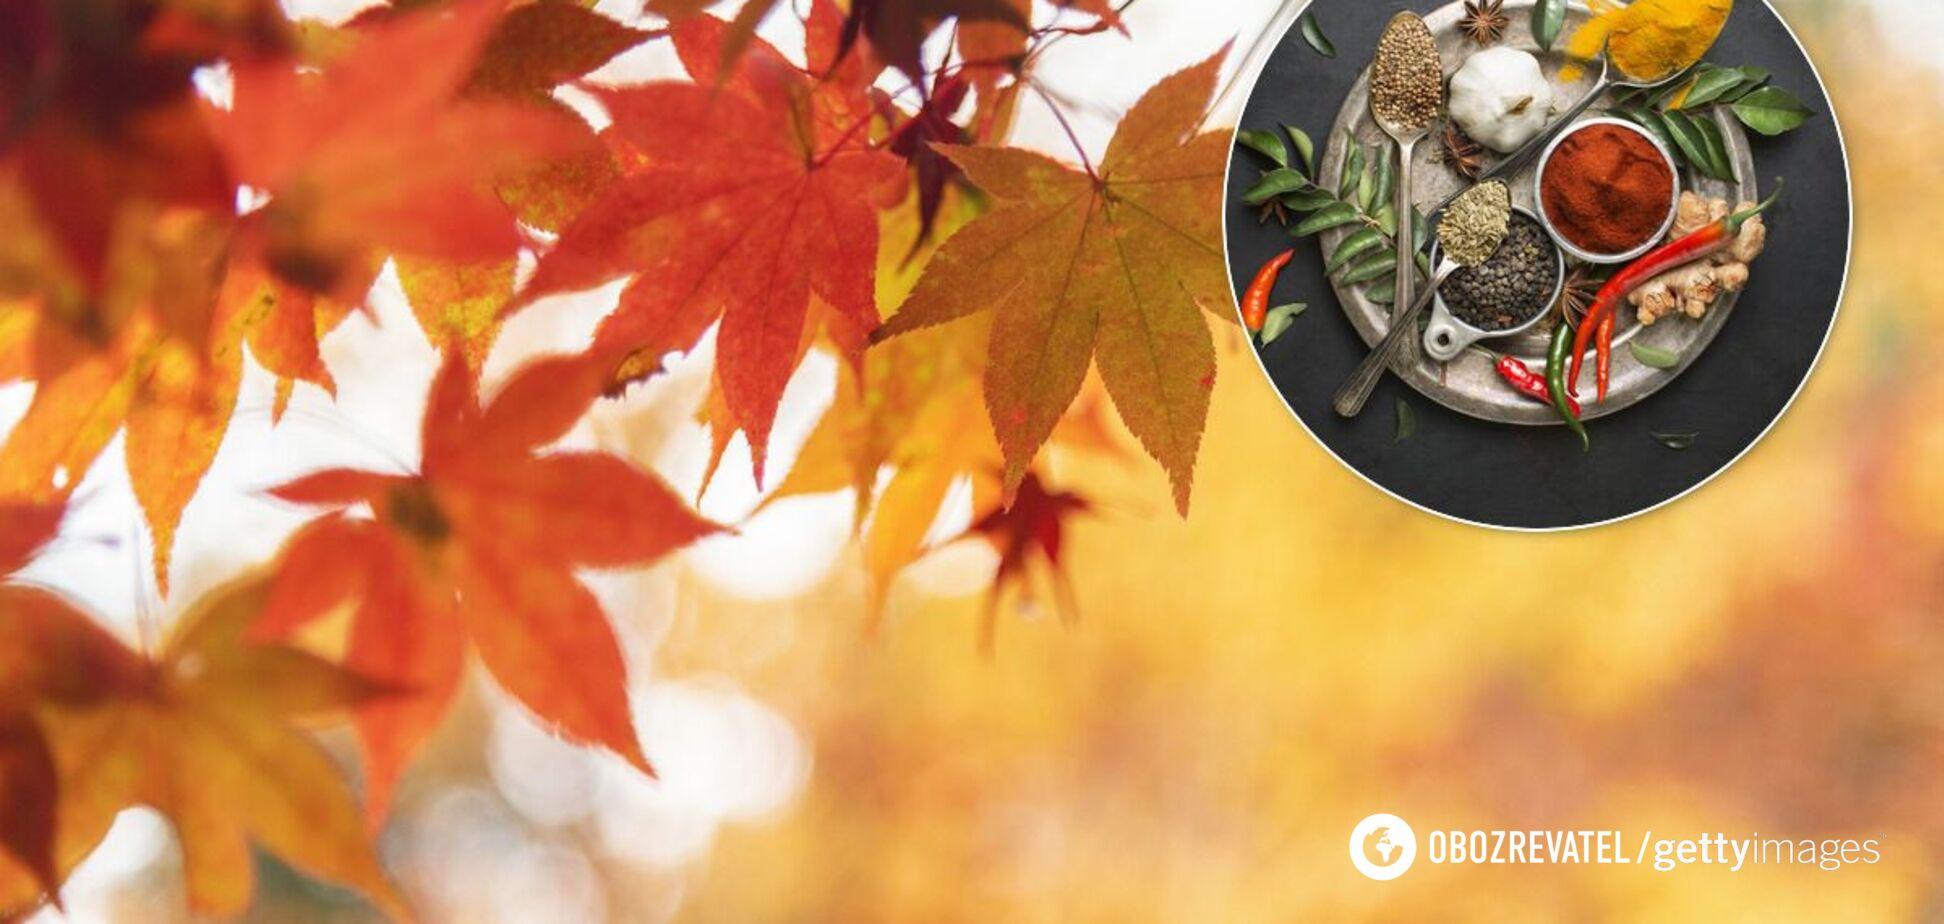 Питание осенью: что есть для крепкого иммунитета и красивой фигуры